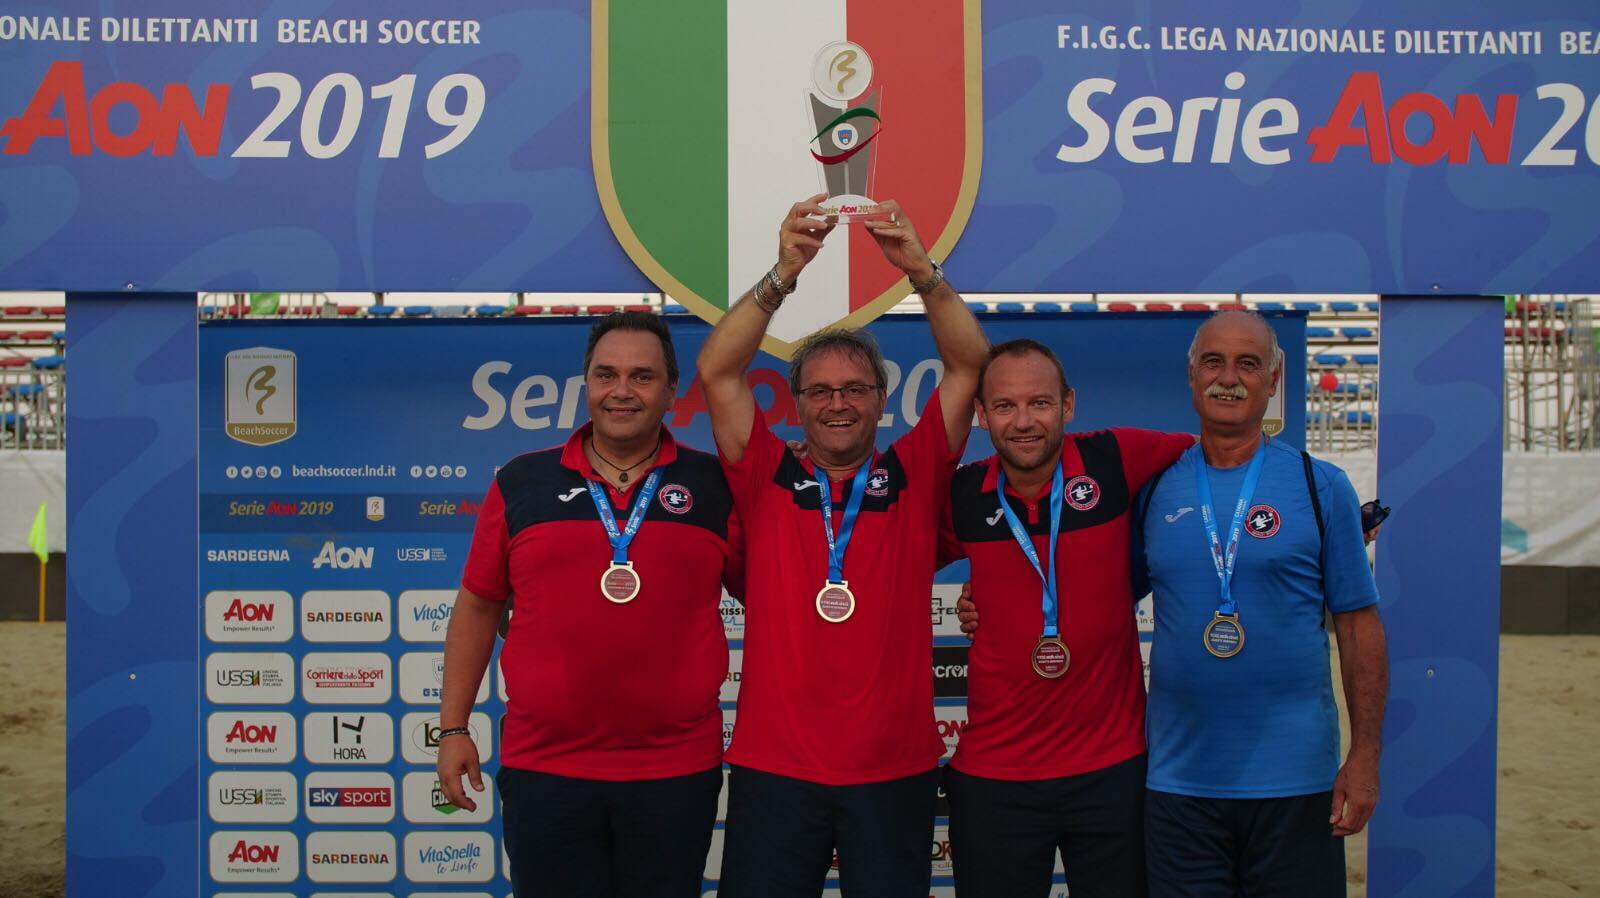 Samb Beach Soccer Tricolore